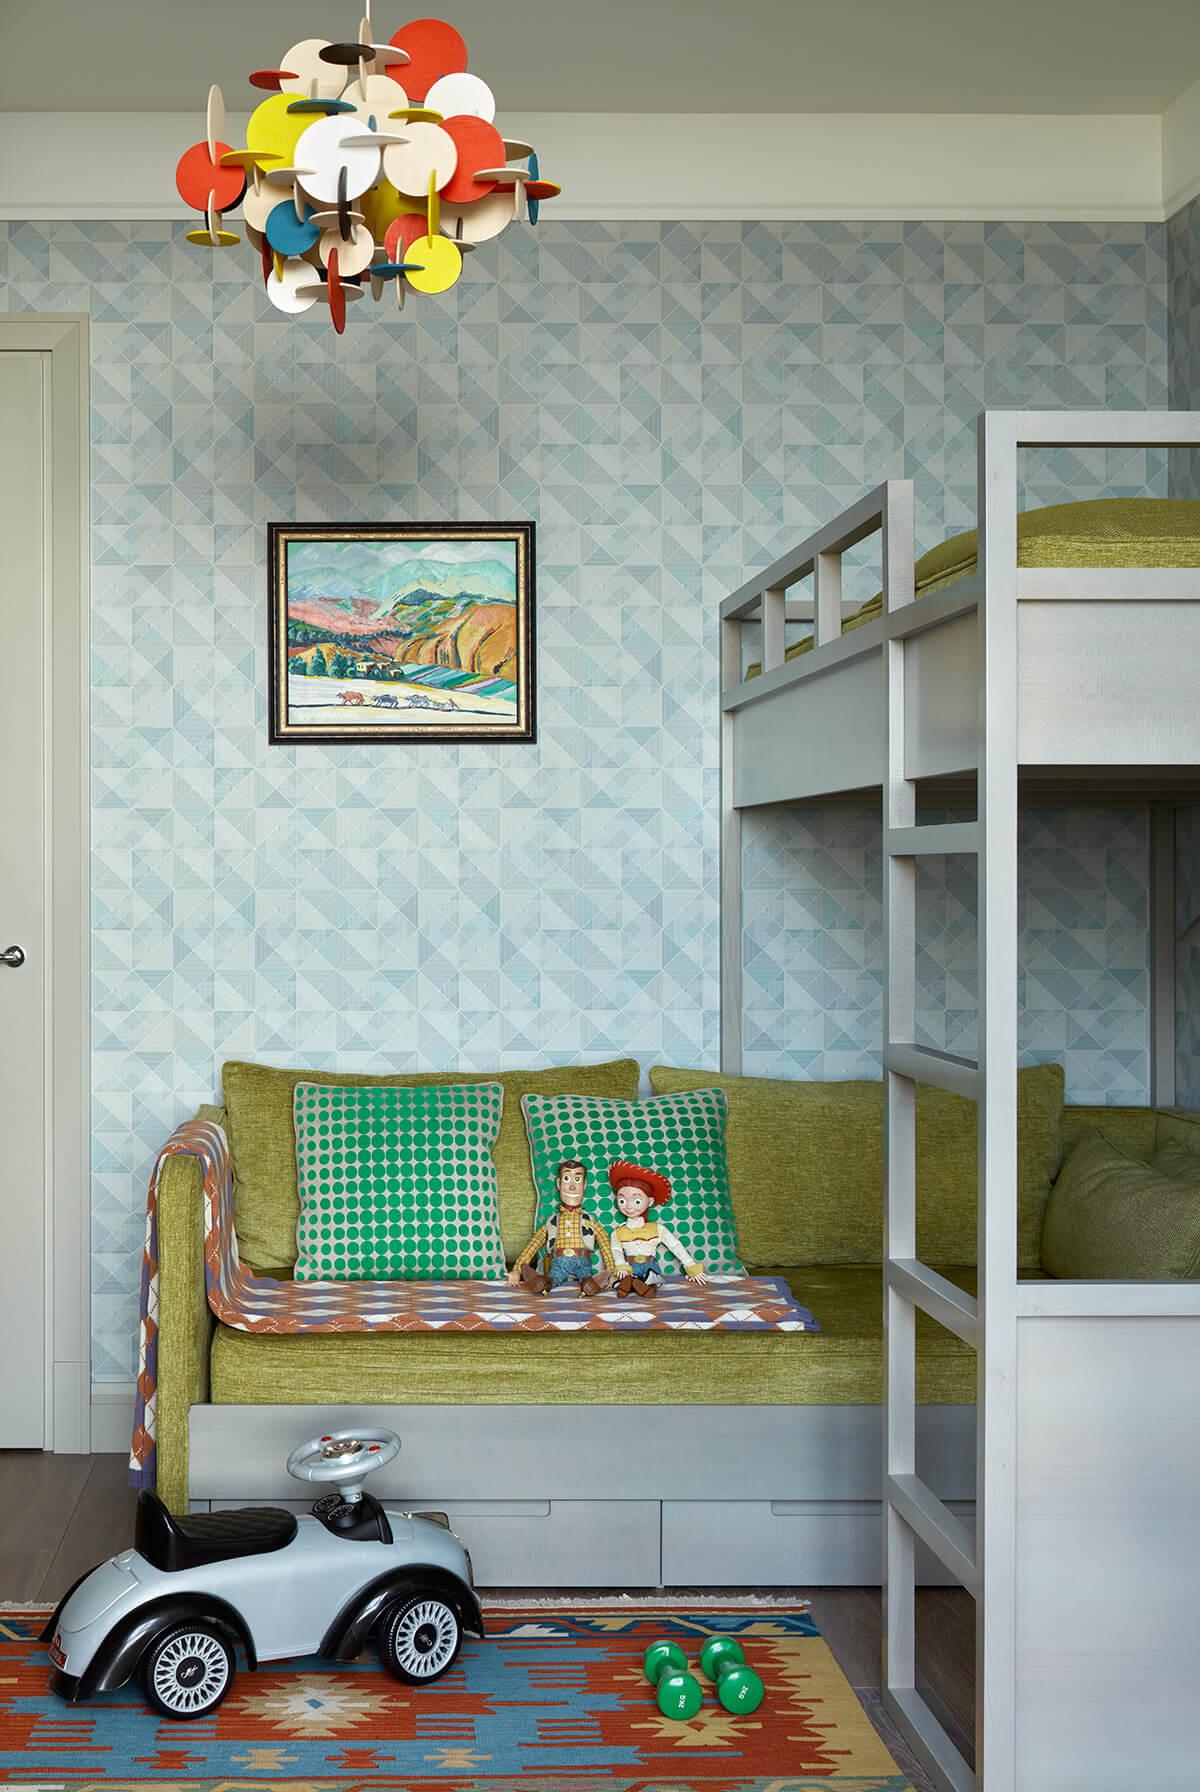 cocuk-odasi-mobilya-fikirleri